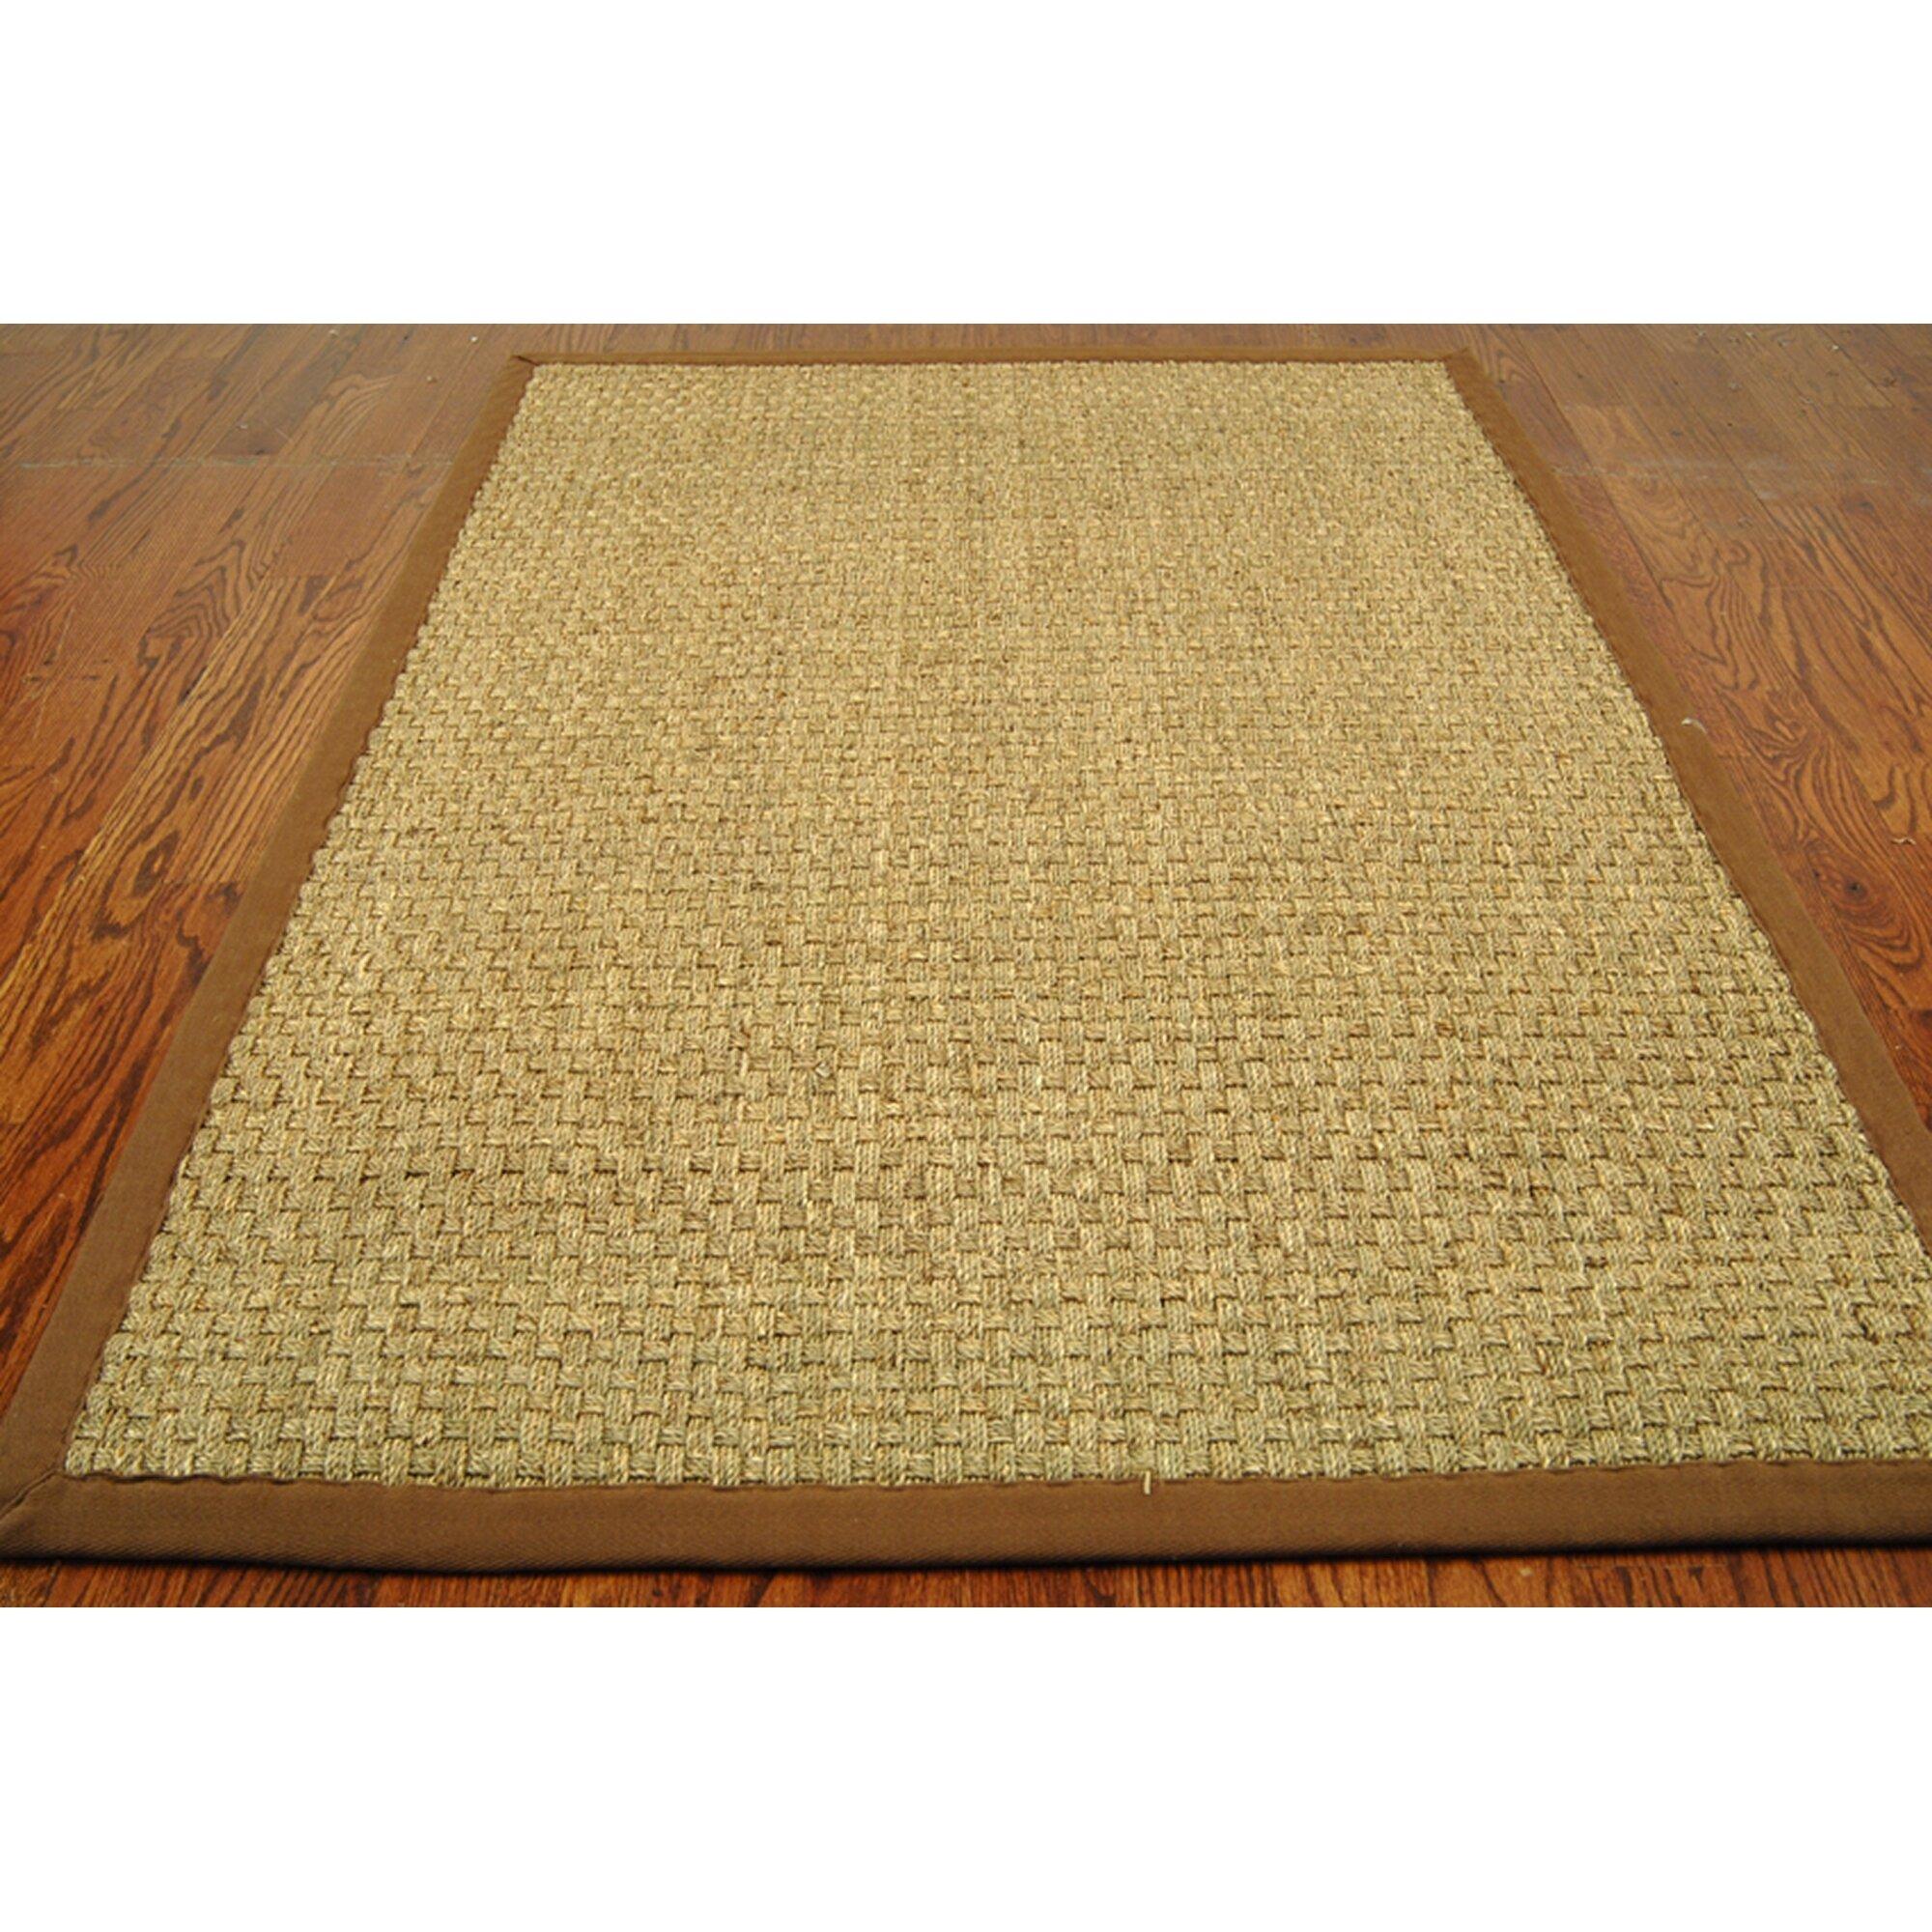 28 memory foam rug pad 8x10 safavieh dhurries sage ivory ar